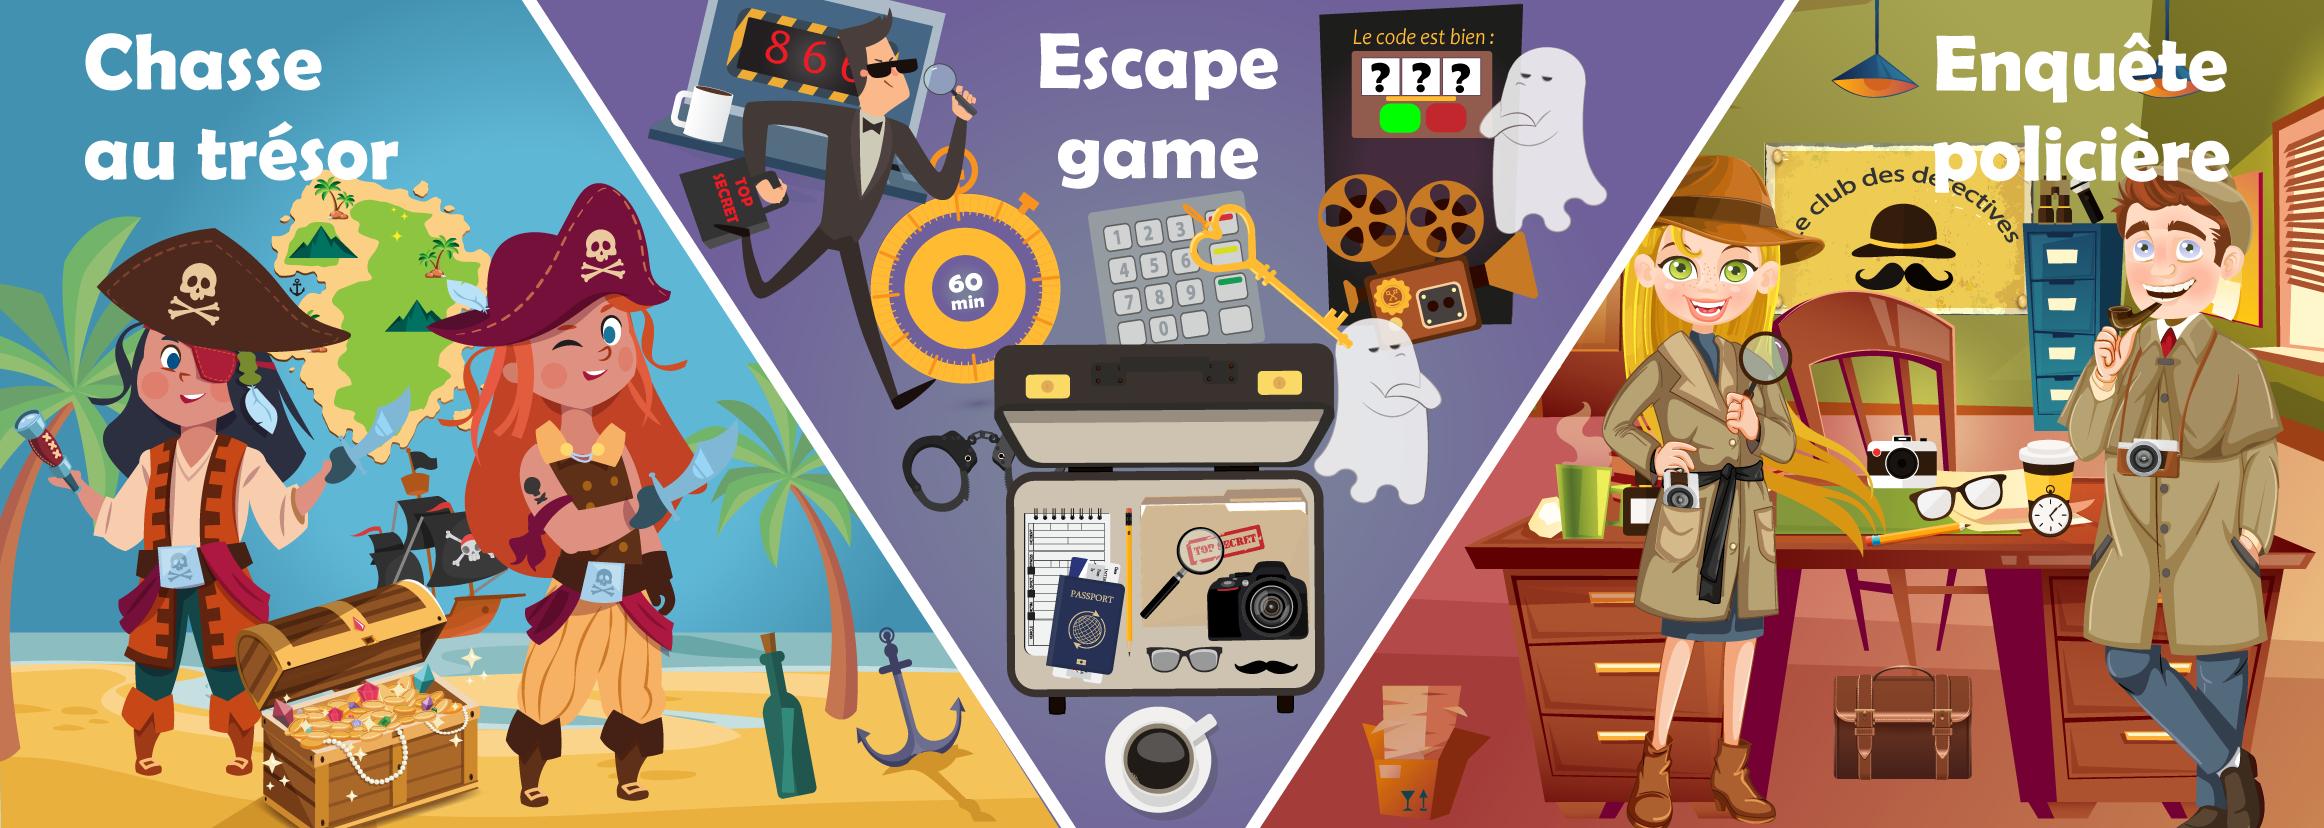 Jeux À Imprimer Ludiques Pour Les Enfants De 4 À 10 Ans dedans Telecharger Jeux Educatif Gratuit 4 Ans